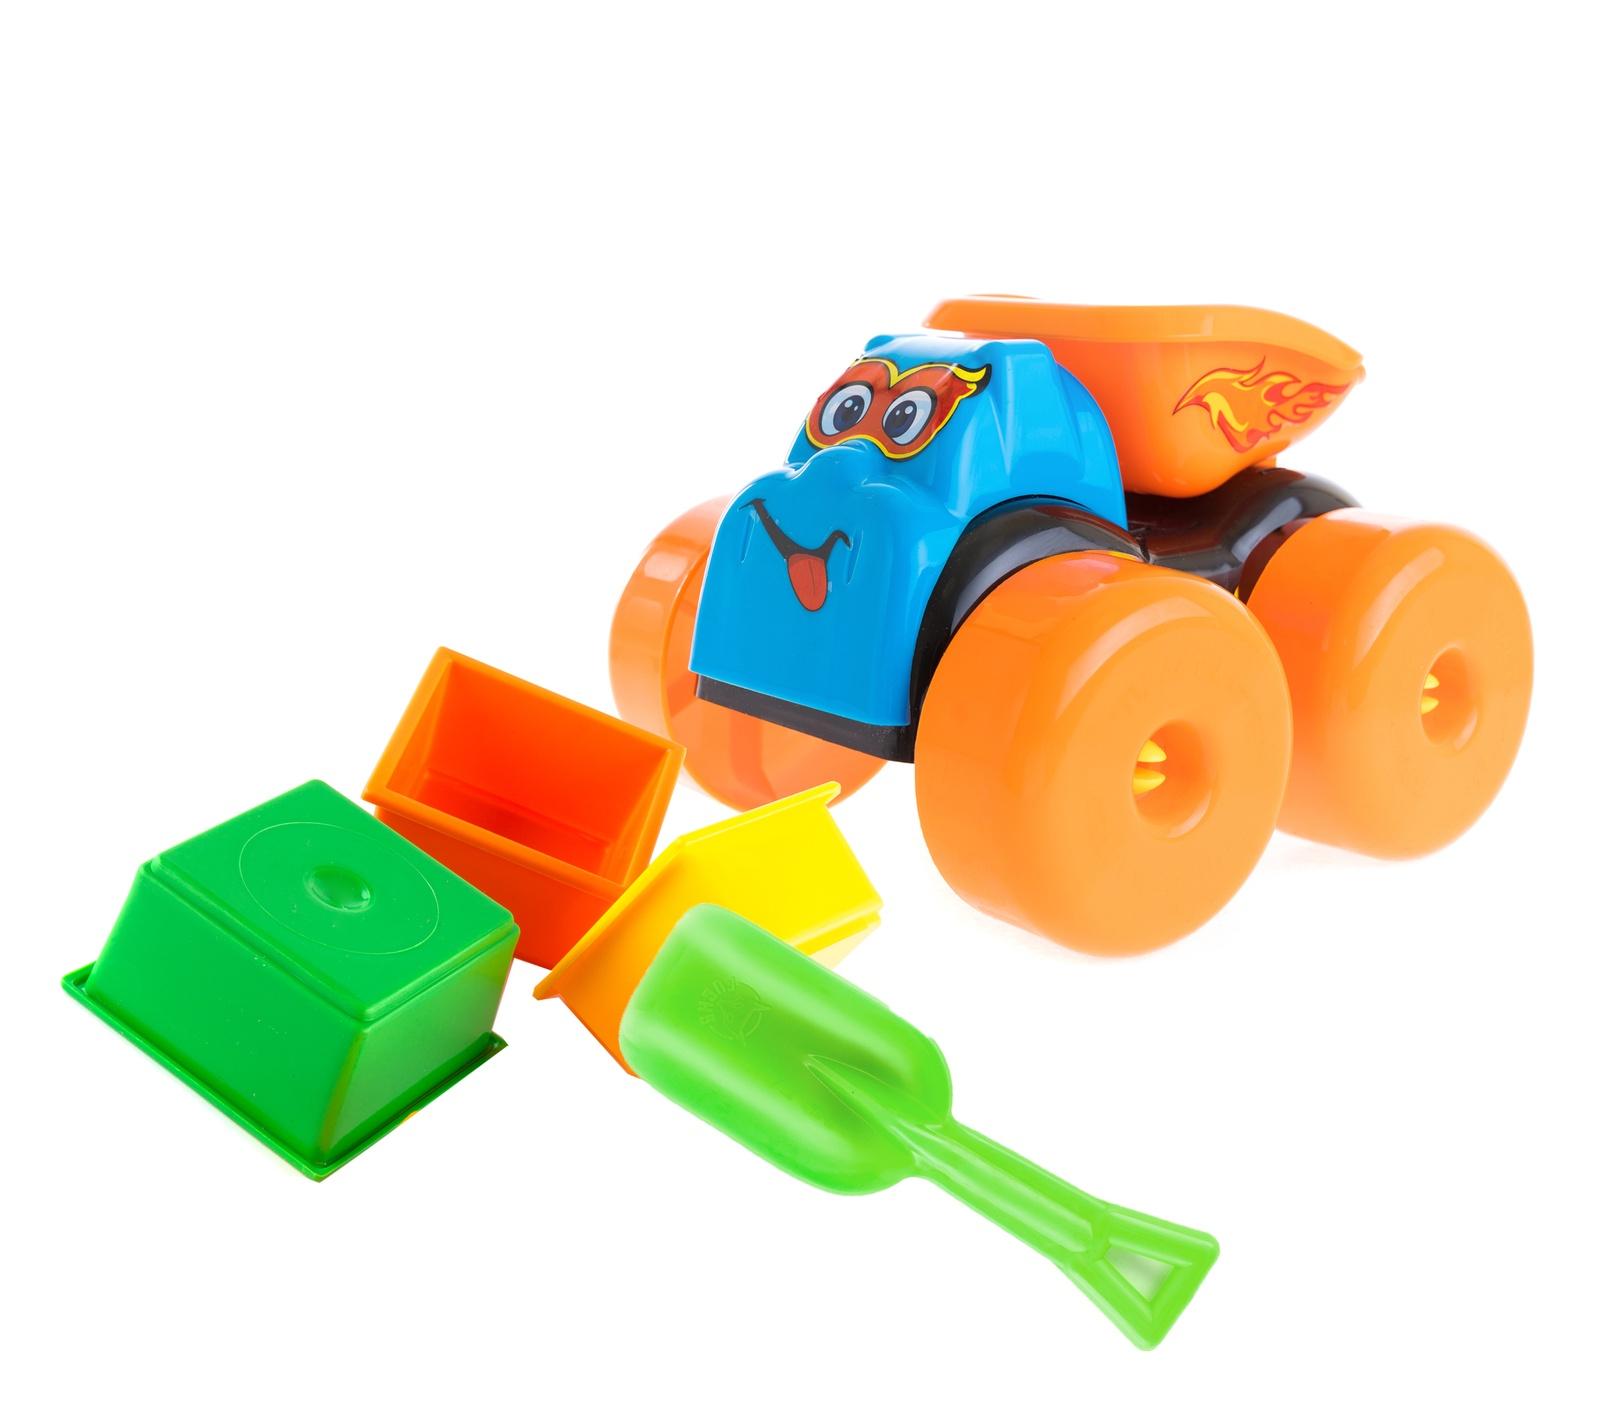 Фото - Игрушка для песочницы Пластмастер 70174 набор пластмастер 70174 добряк на пляже